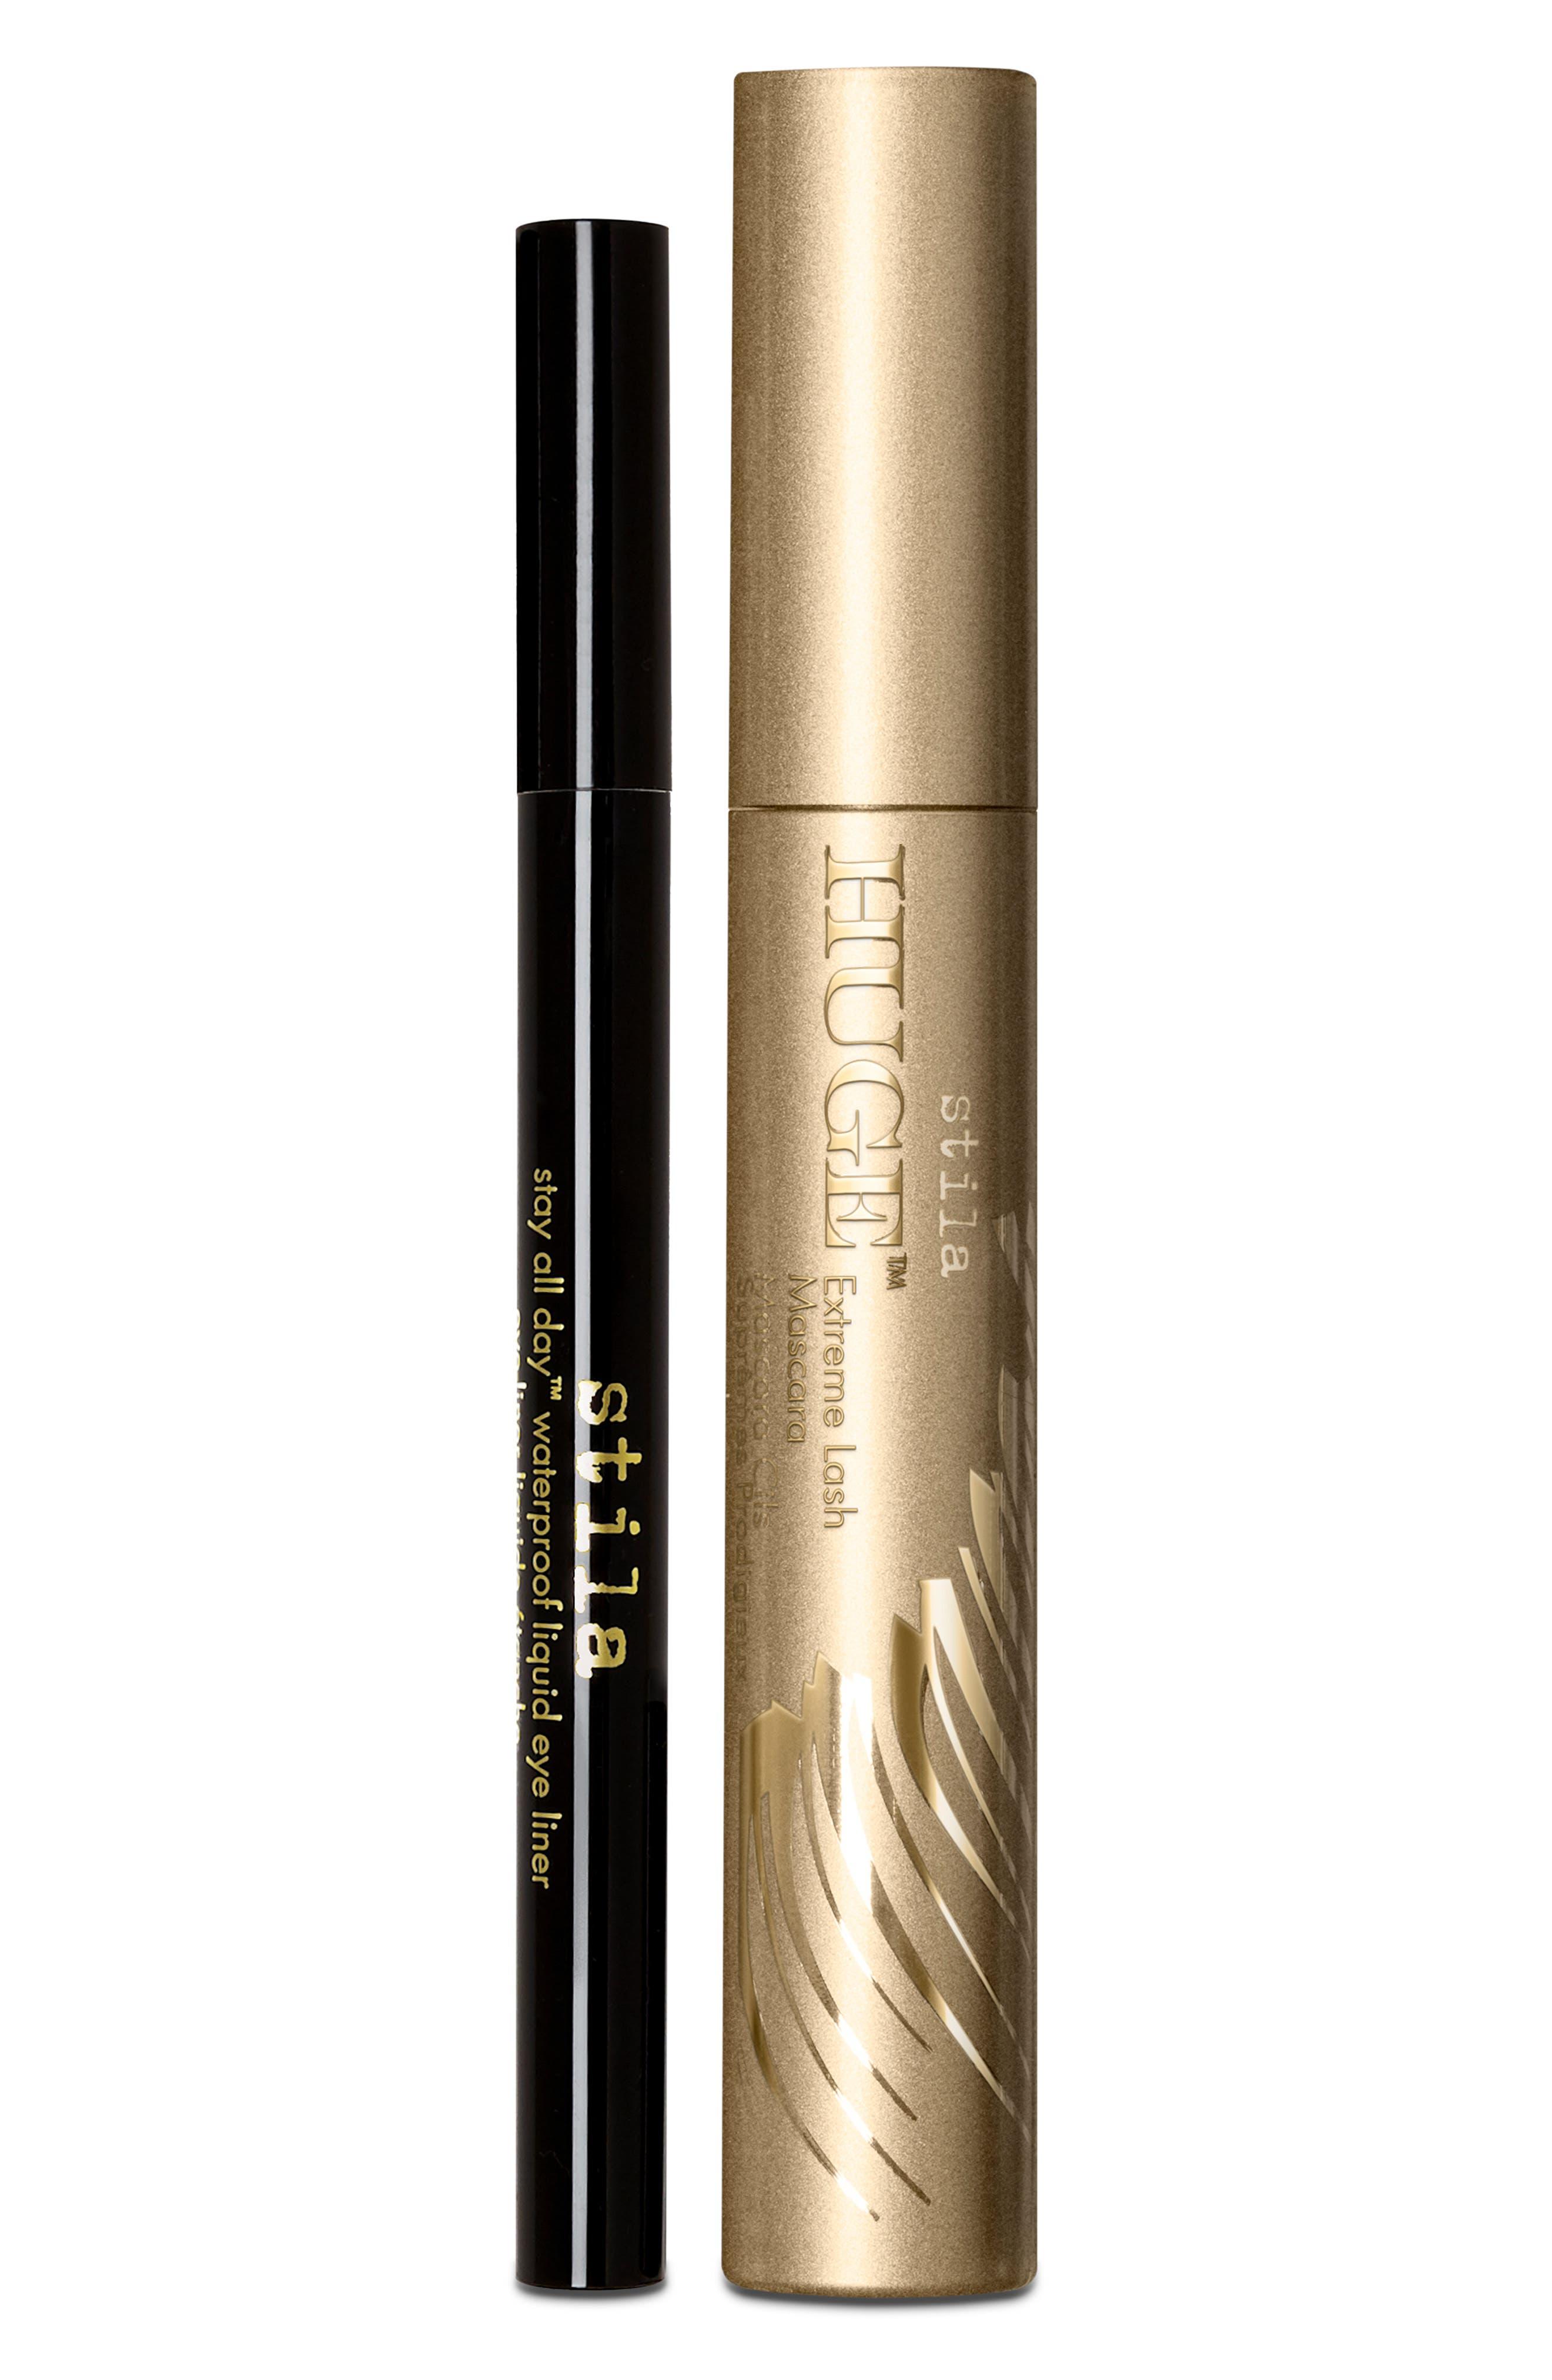 Big Shots Redux Eyeliner & Mascara Duo,                             Main thumbnail 1, color,                             000